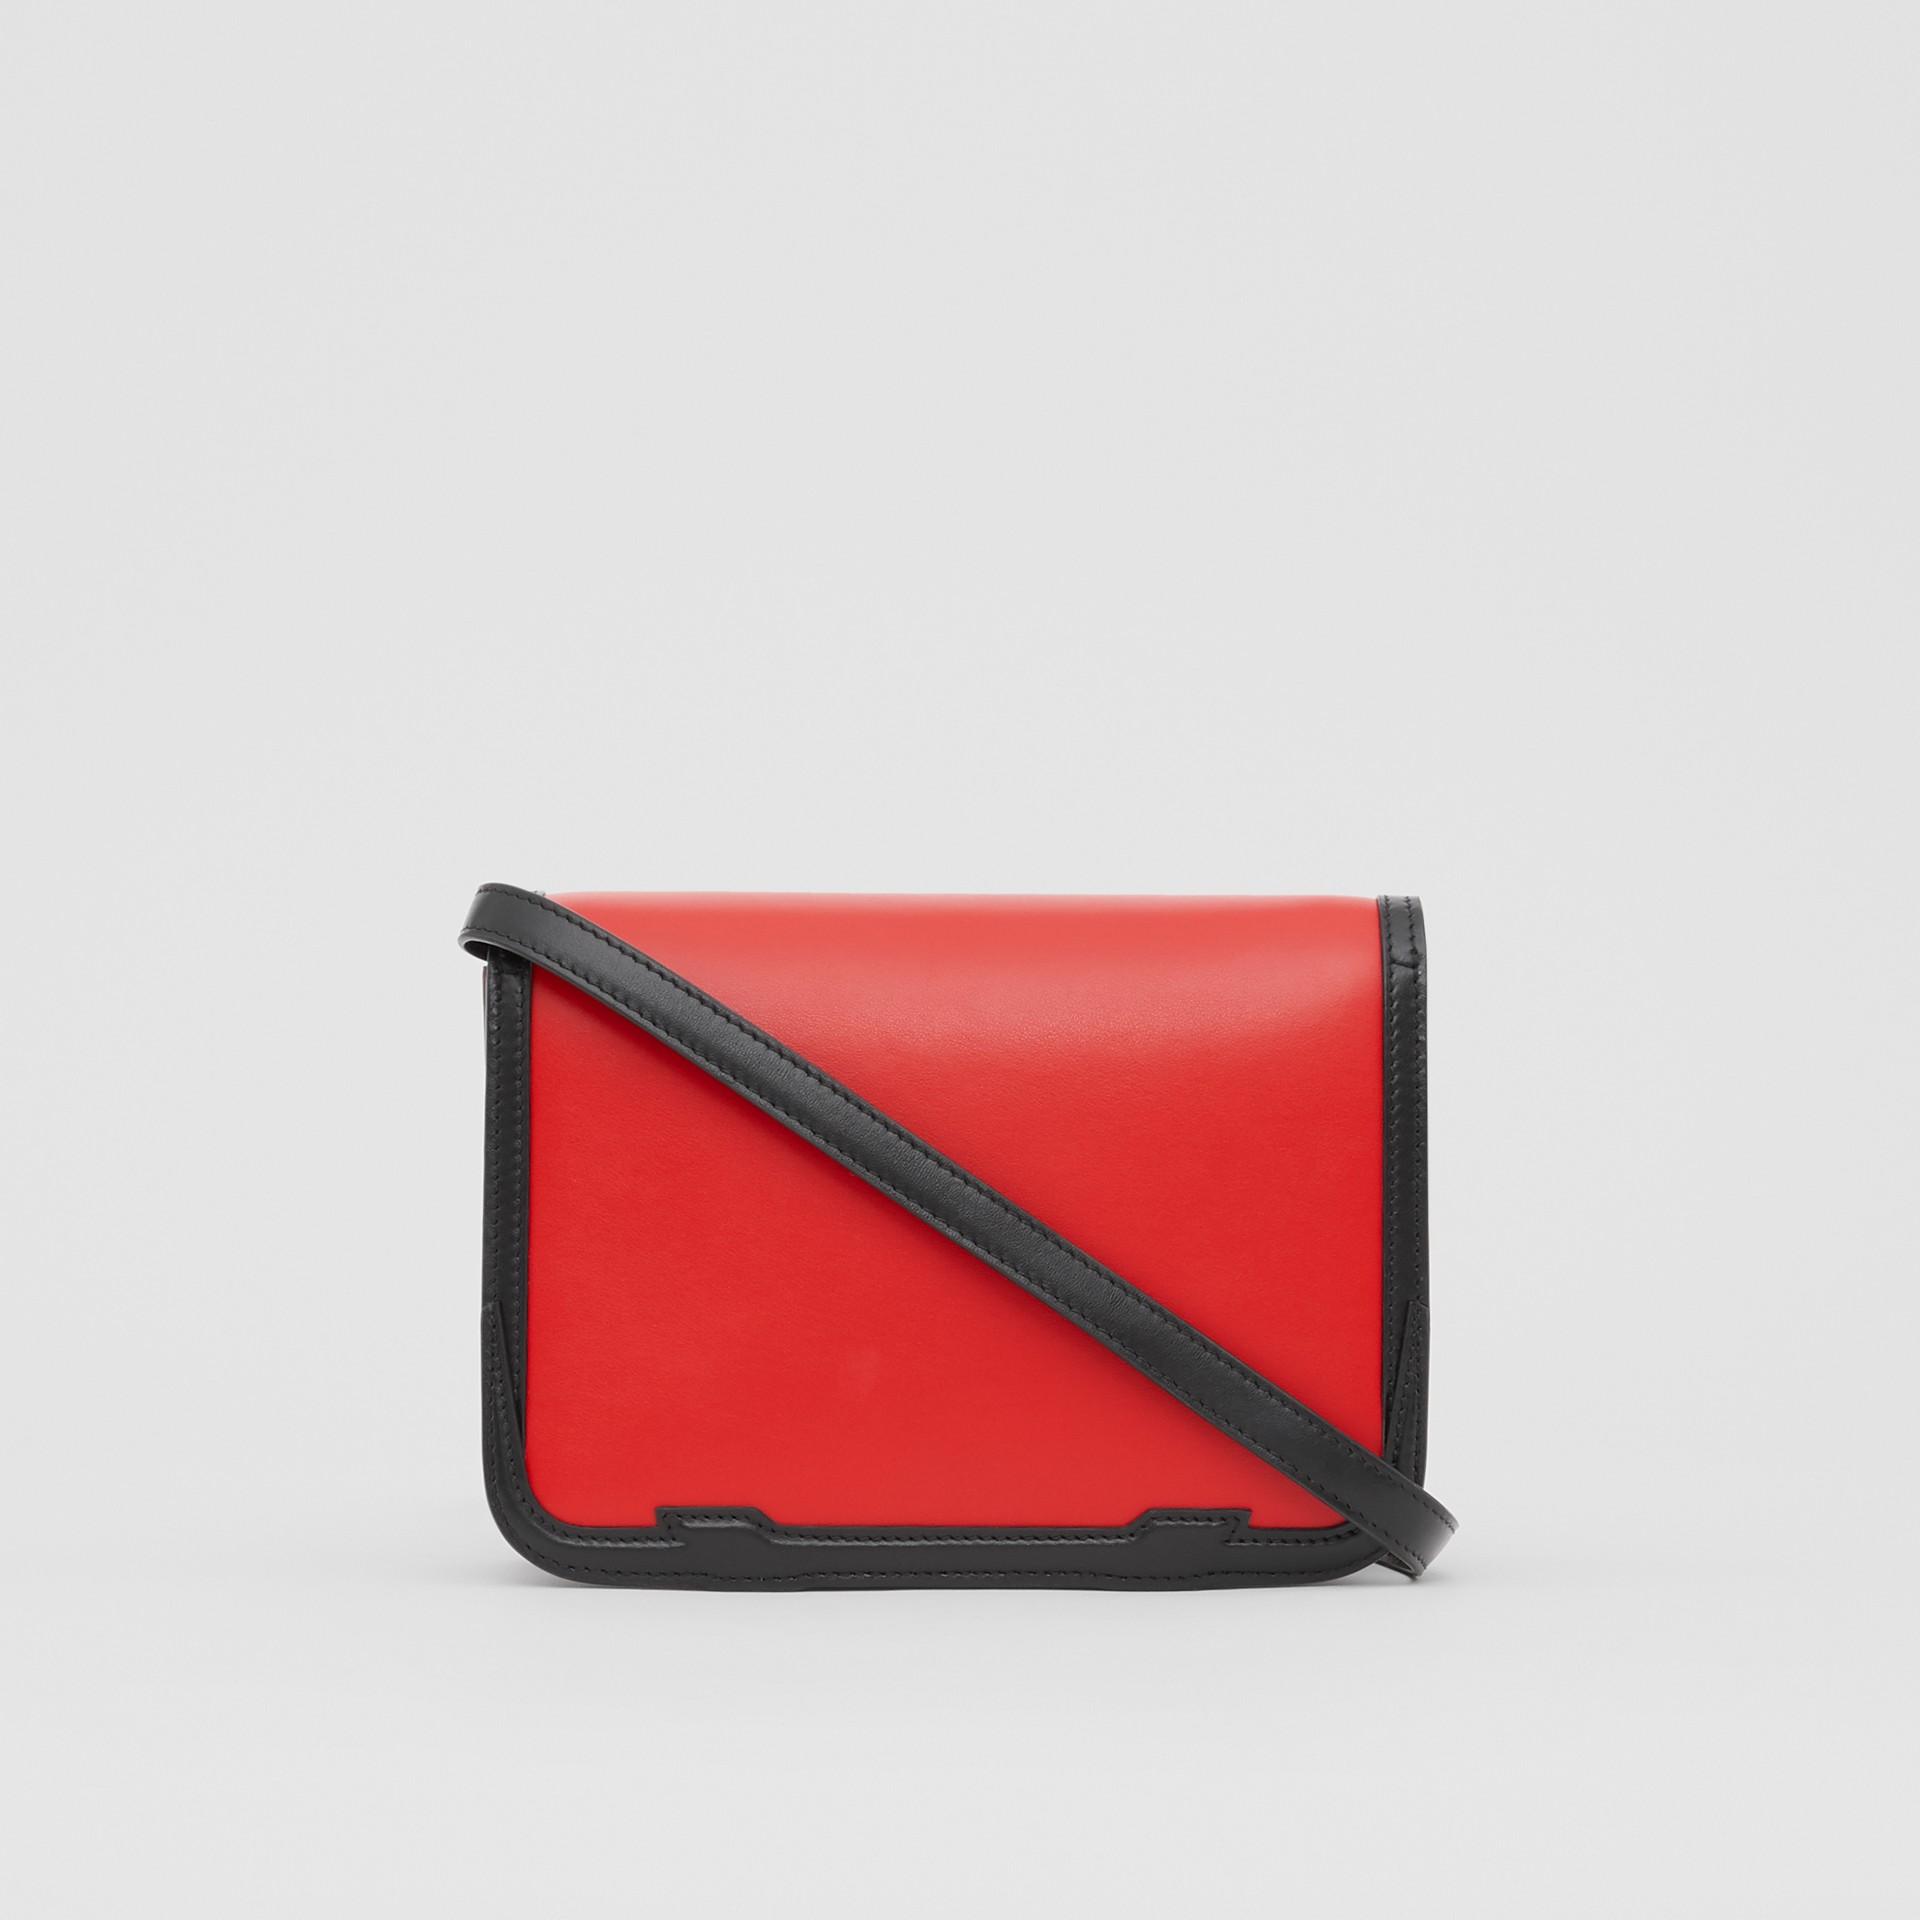 Petit sacTB en cuir avec appliqué (Rouge Vif) - Femme | Burberry - photo de la galerie 7